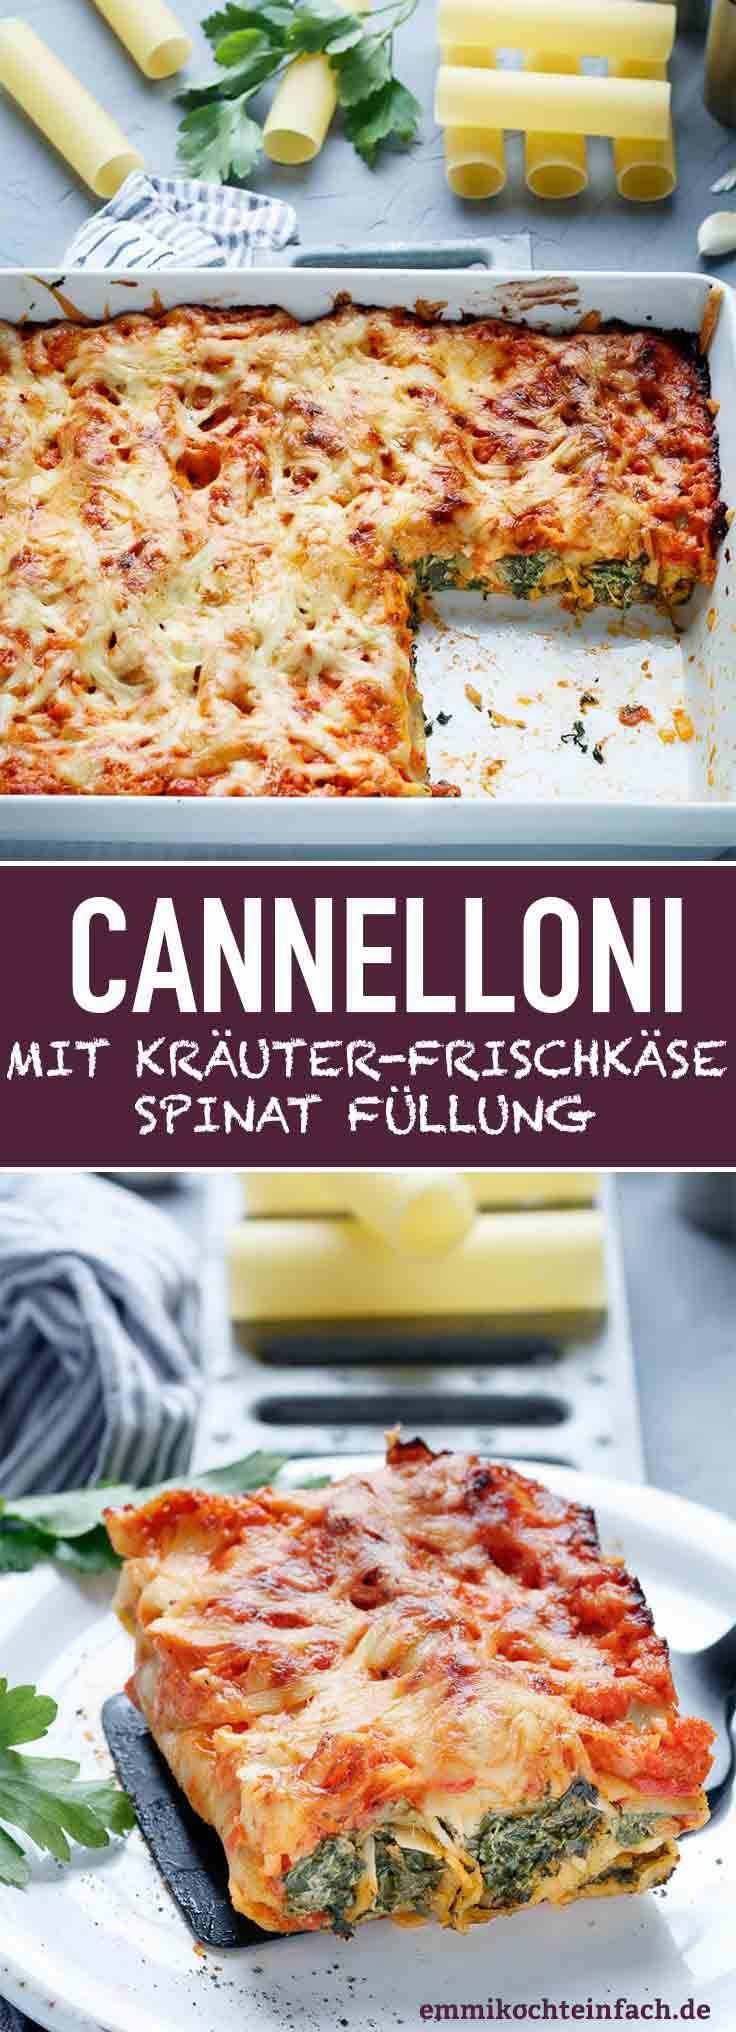 Cannelloni mit Kräuterfrischkäse-Spinat Füllung